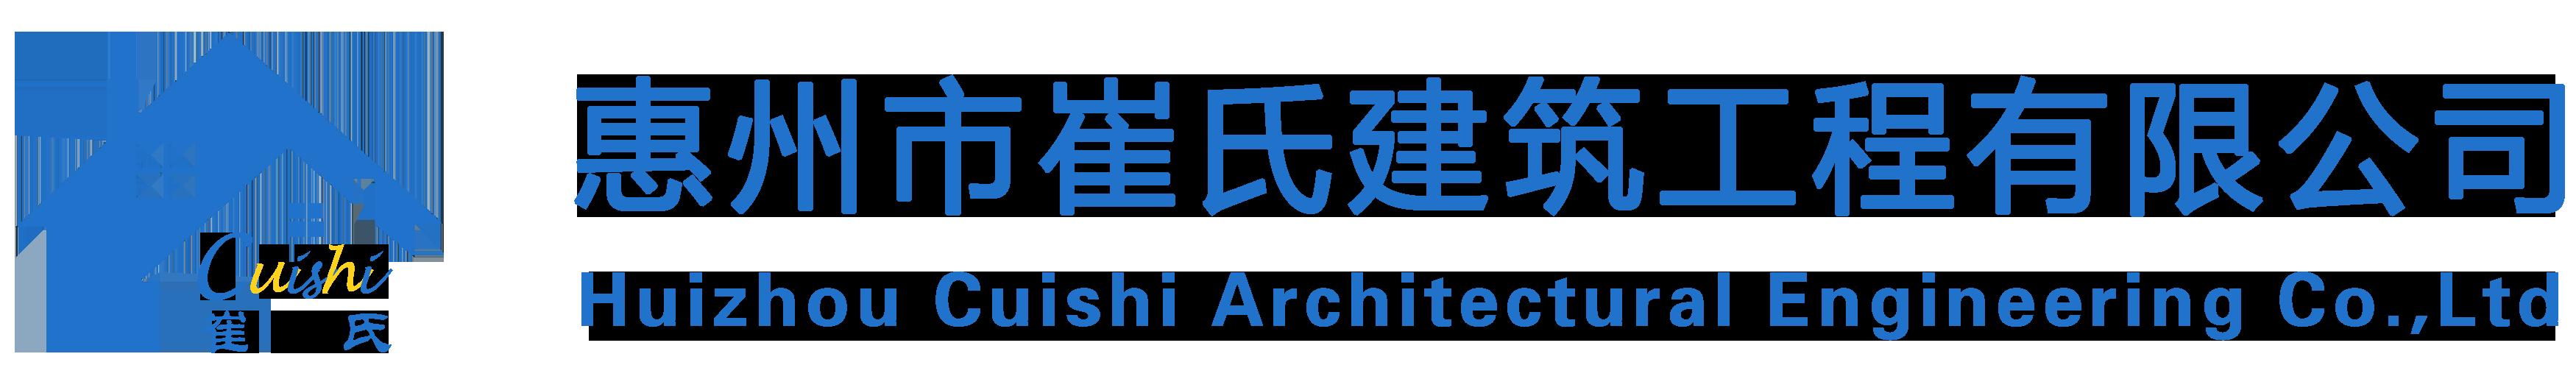 惠州市崔氏建筑工程有限公司